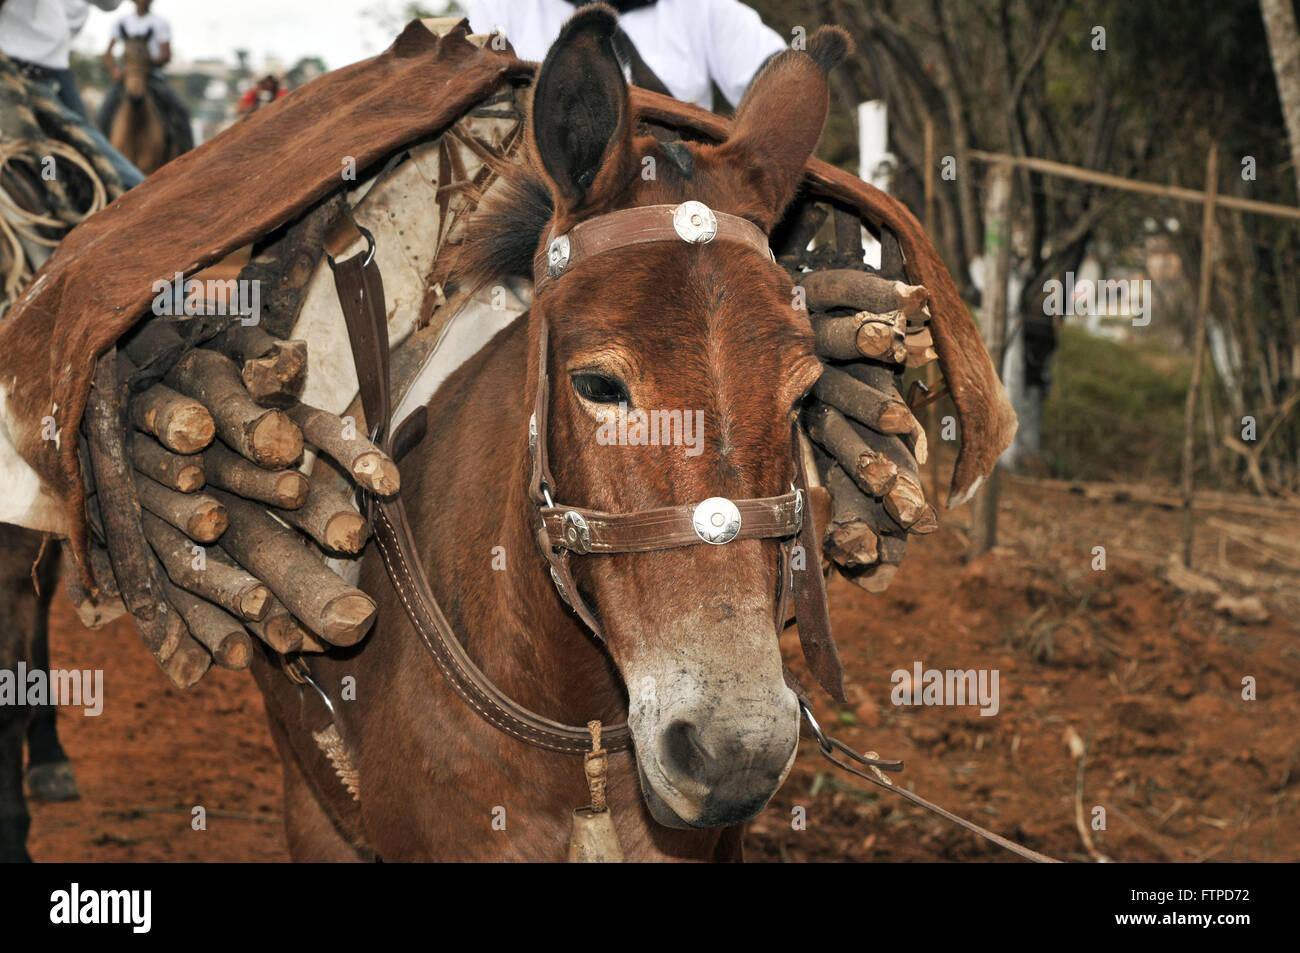 Mule con horquilla llena de leña en la tradicional Fiesta del ajo quemado Imagen De Stock